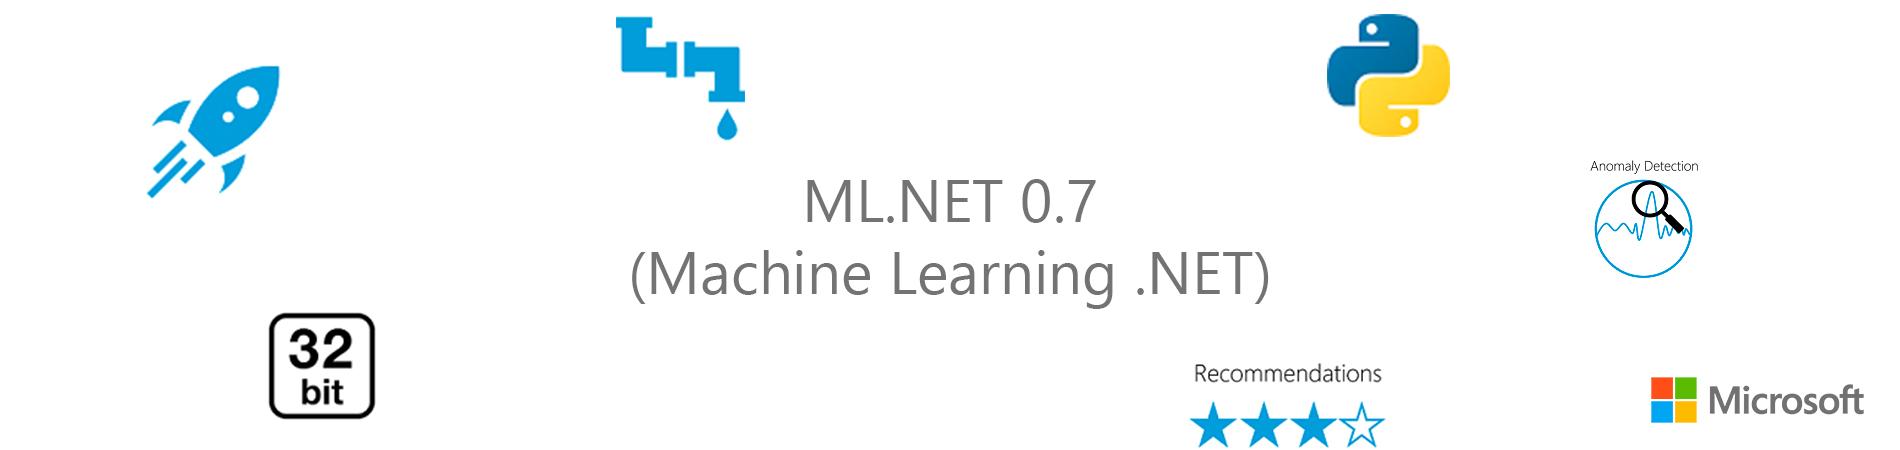 ML.NET 0.7 (Machine Learning .NET)